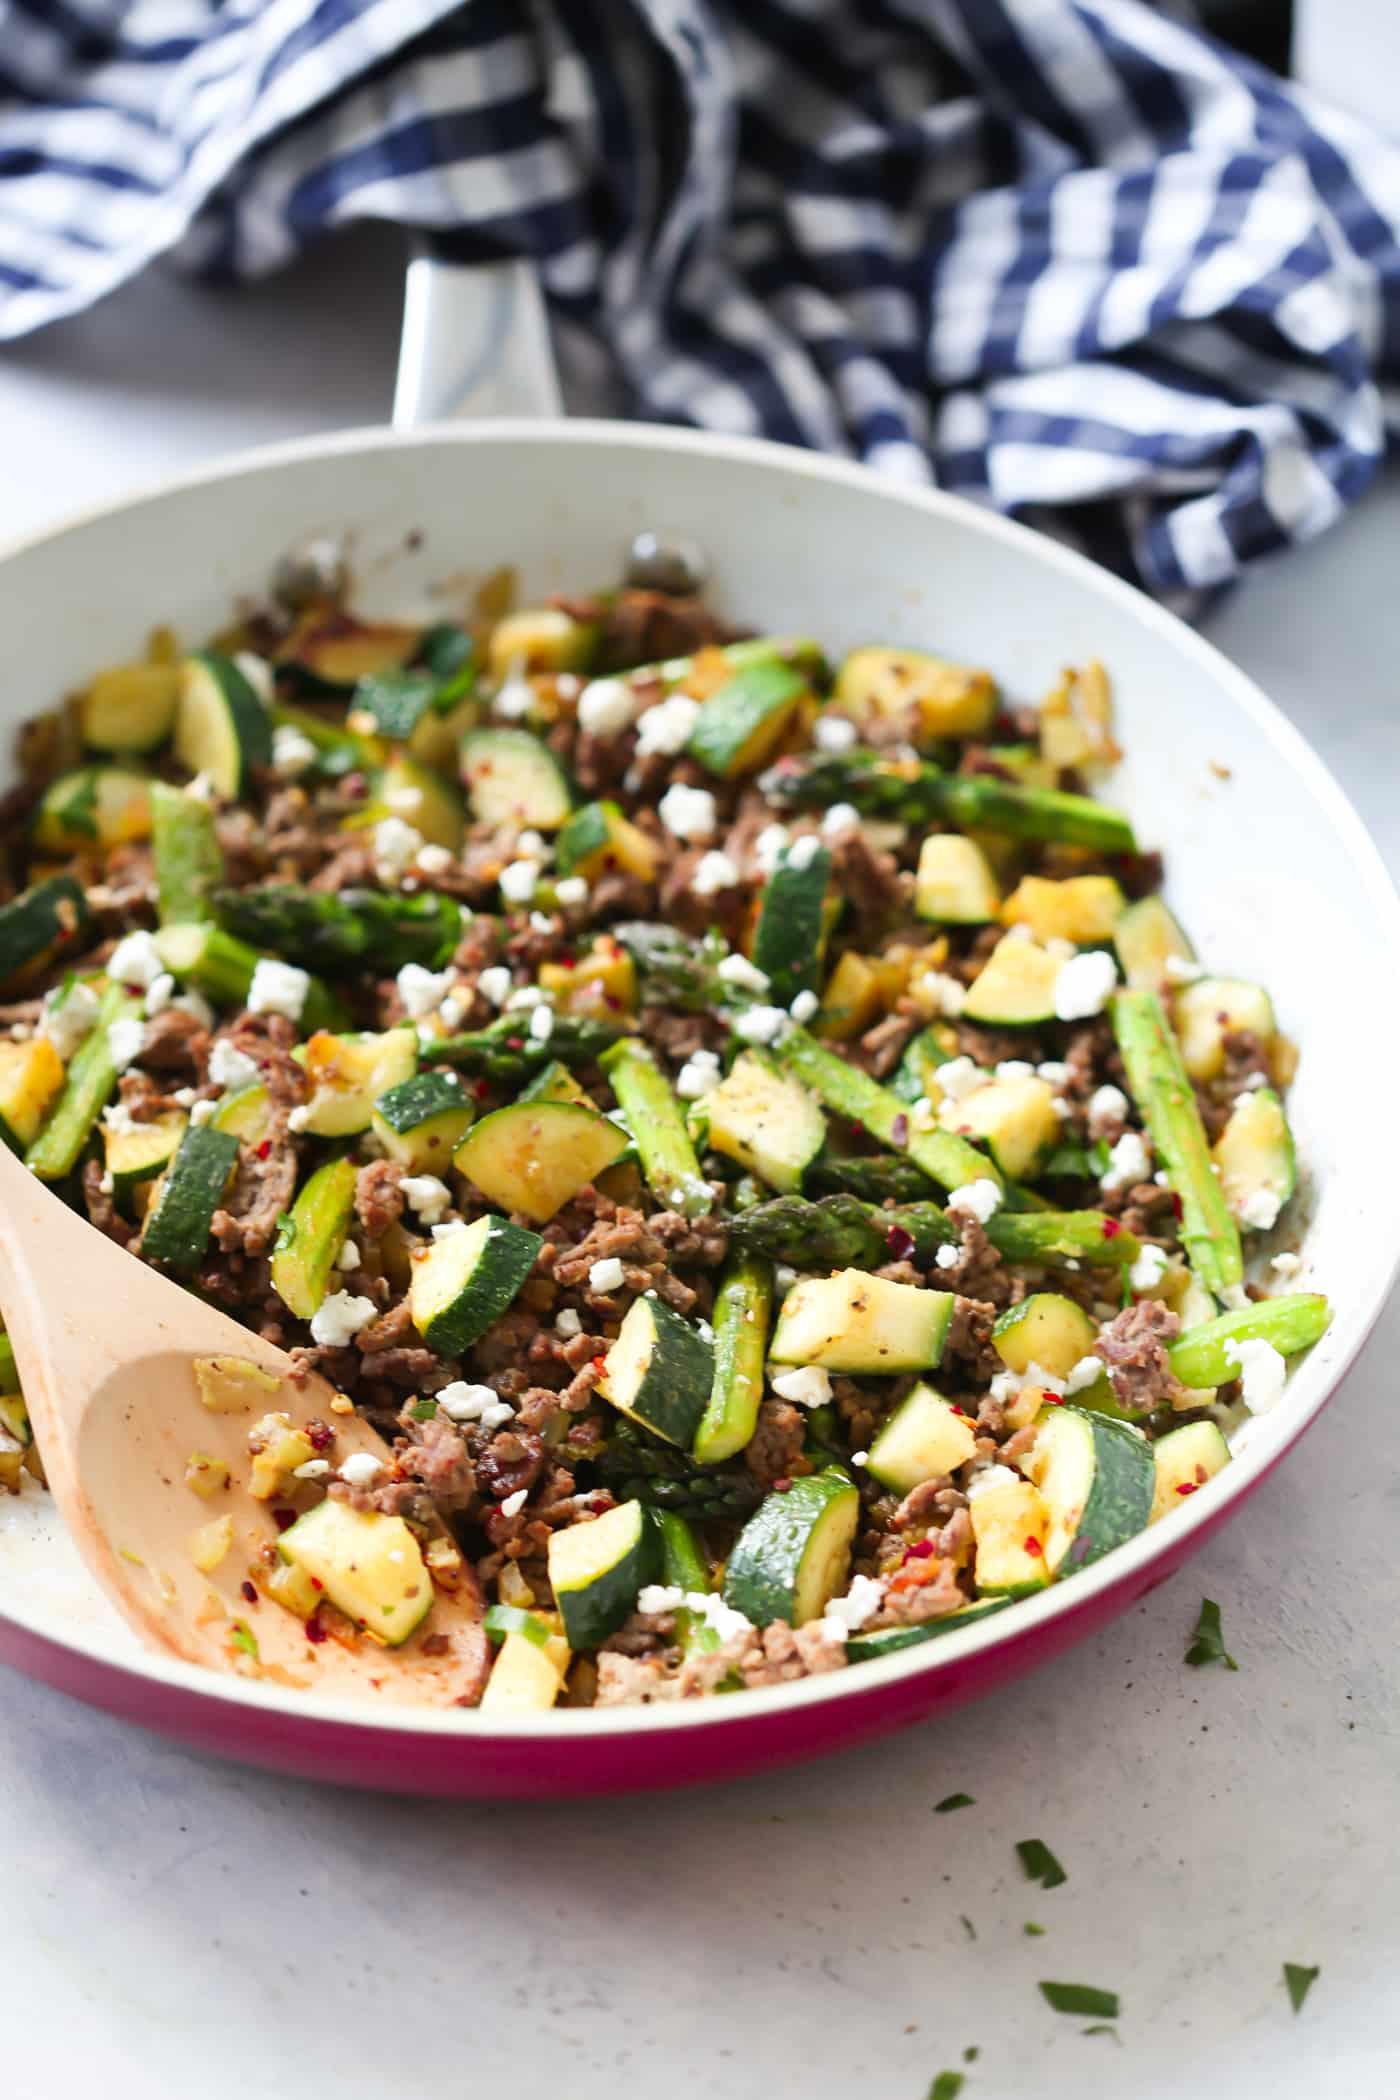 Healthy Recipes With Ground Beef  Ground Beef Veggie Skillet Recipe Primavera Kitchen